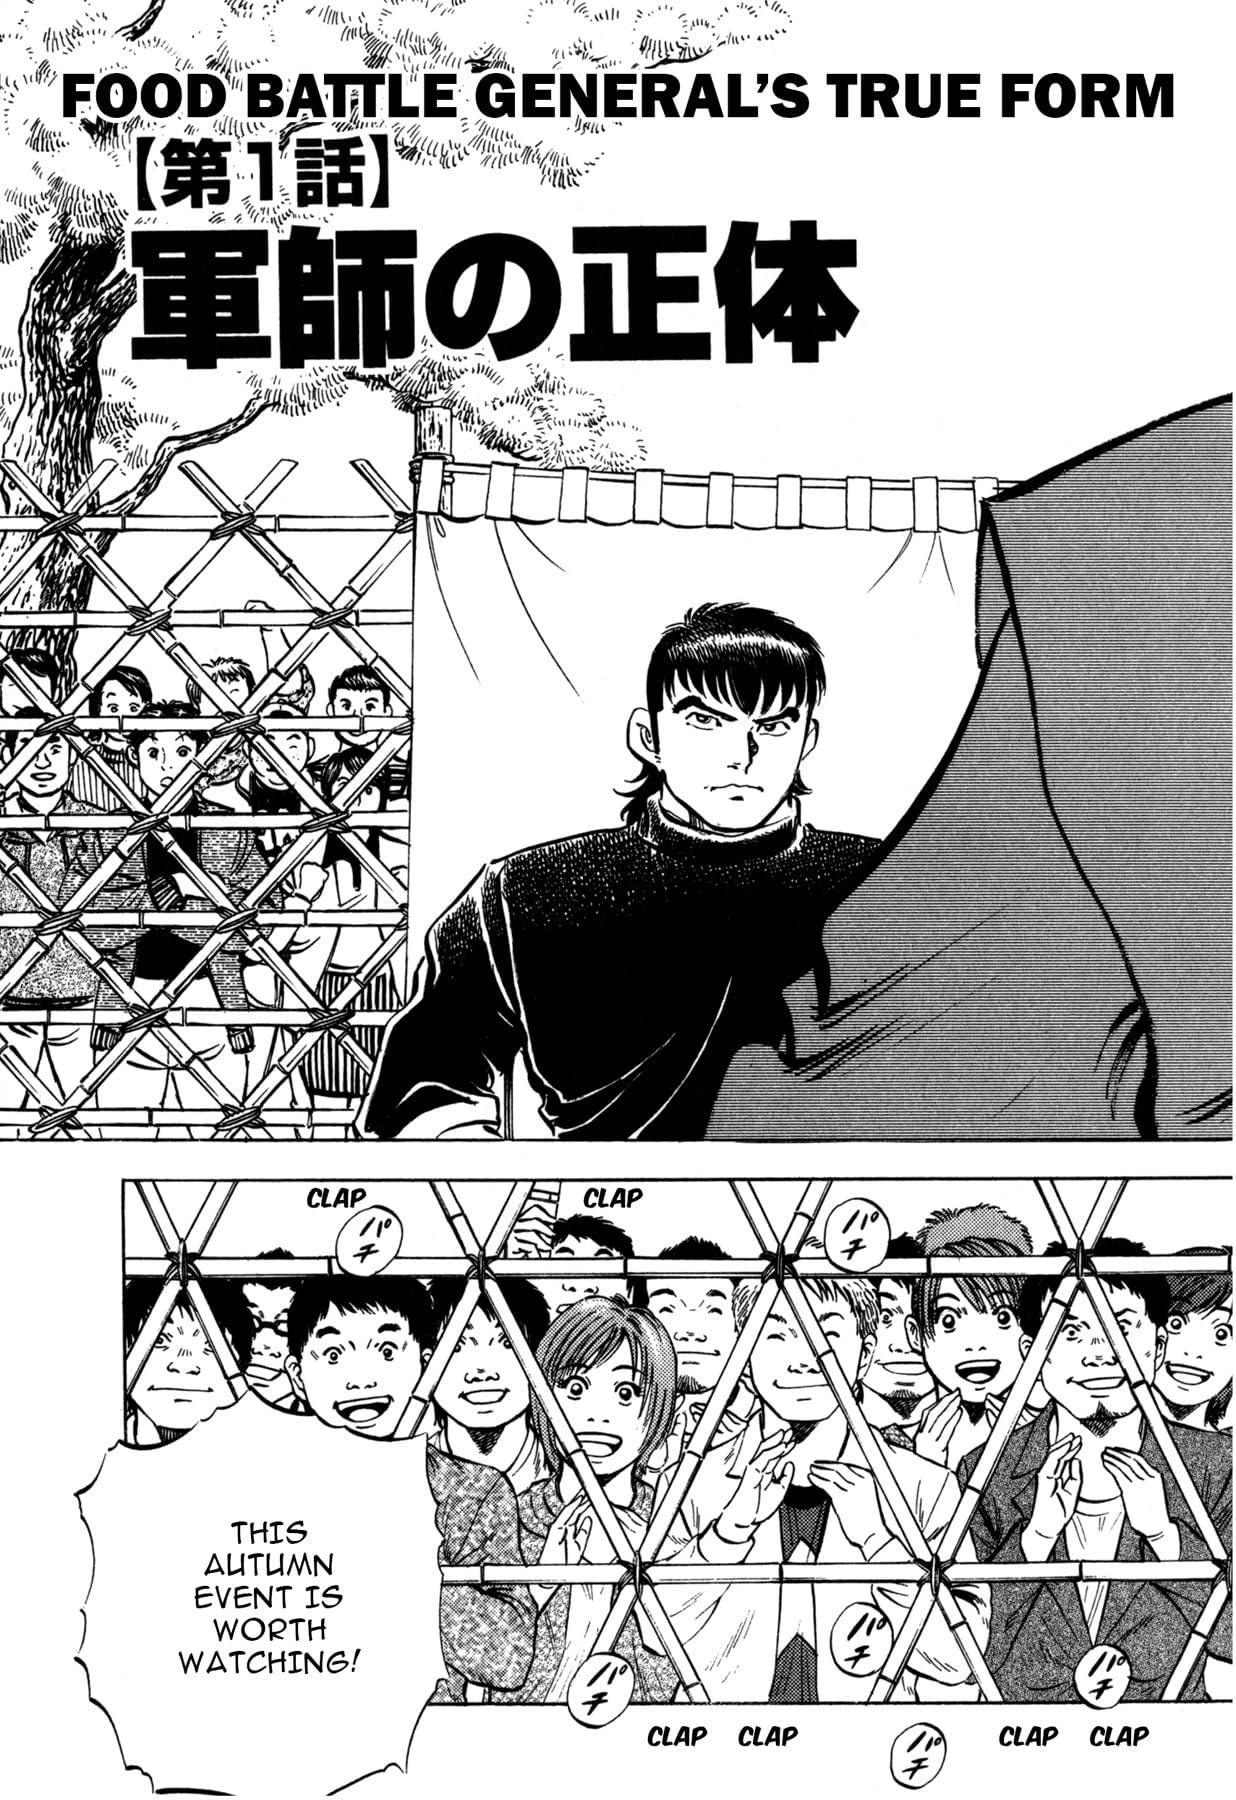 Kuishinbo! #155